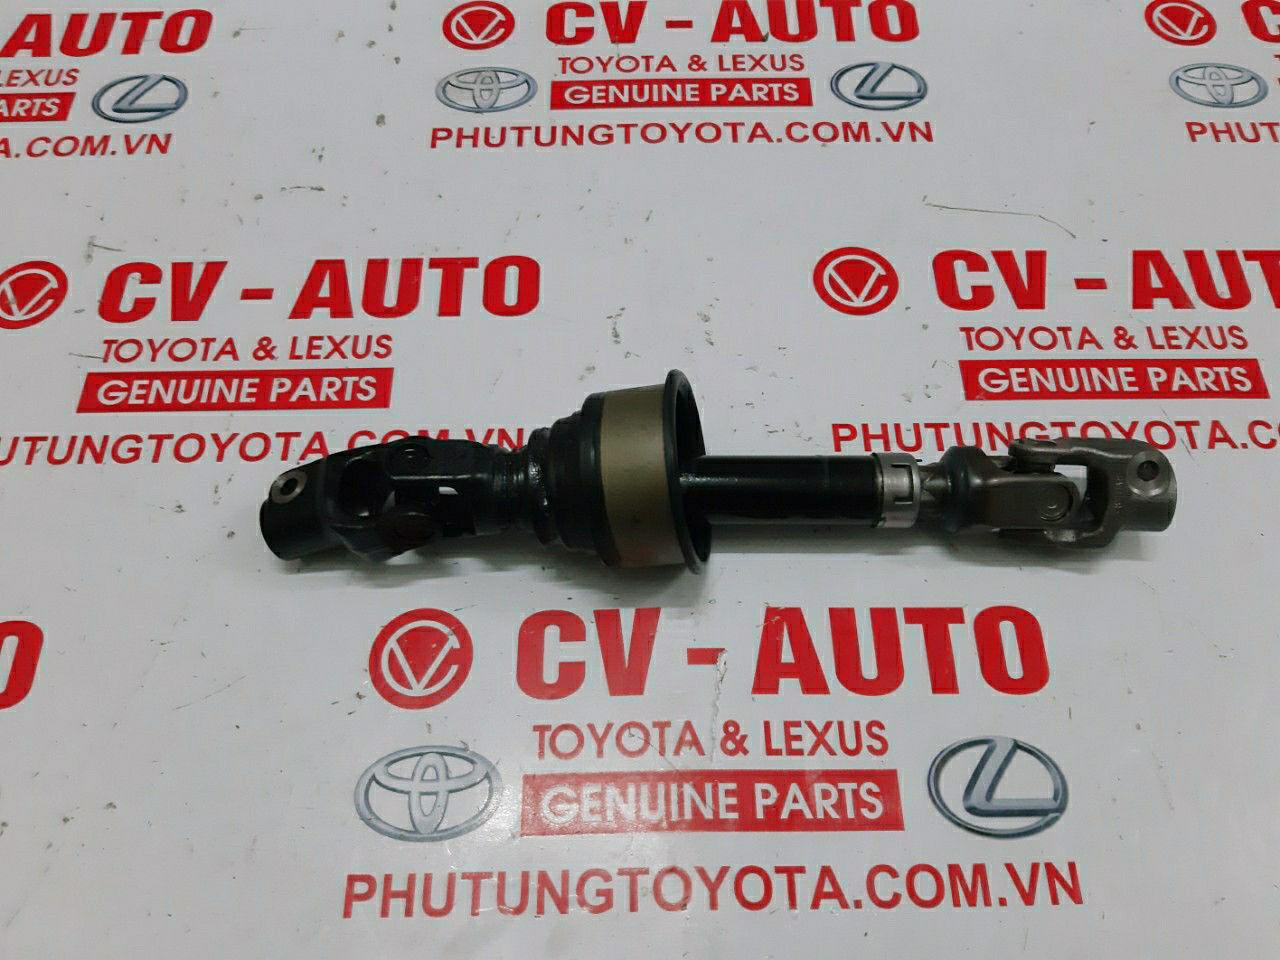 Picture of 45220-0T010 Khớp lái Toyota Venza hàng chính hãng